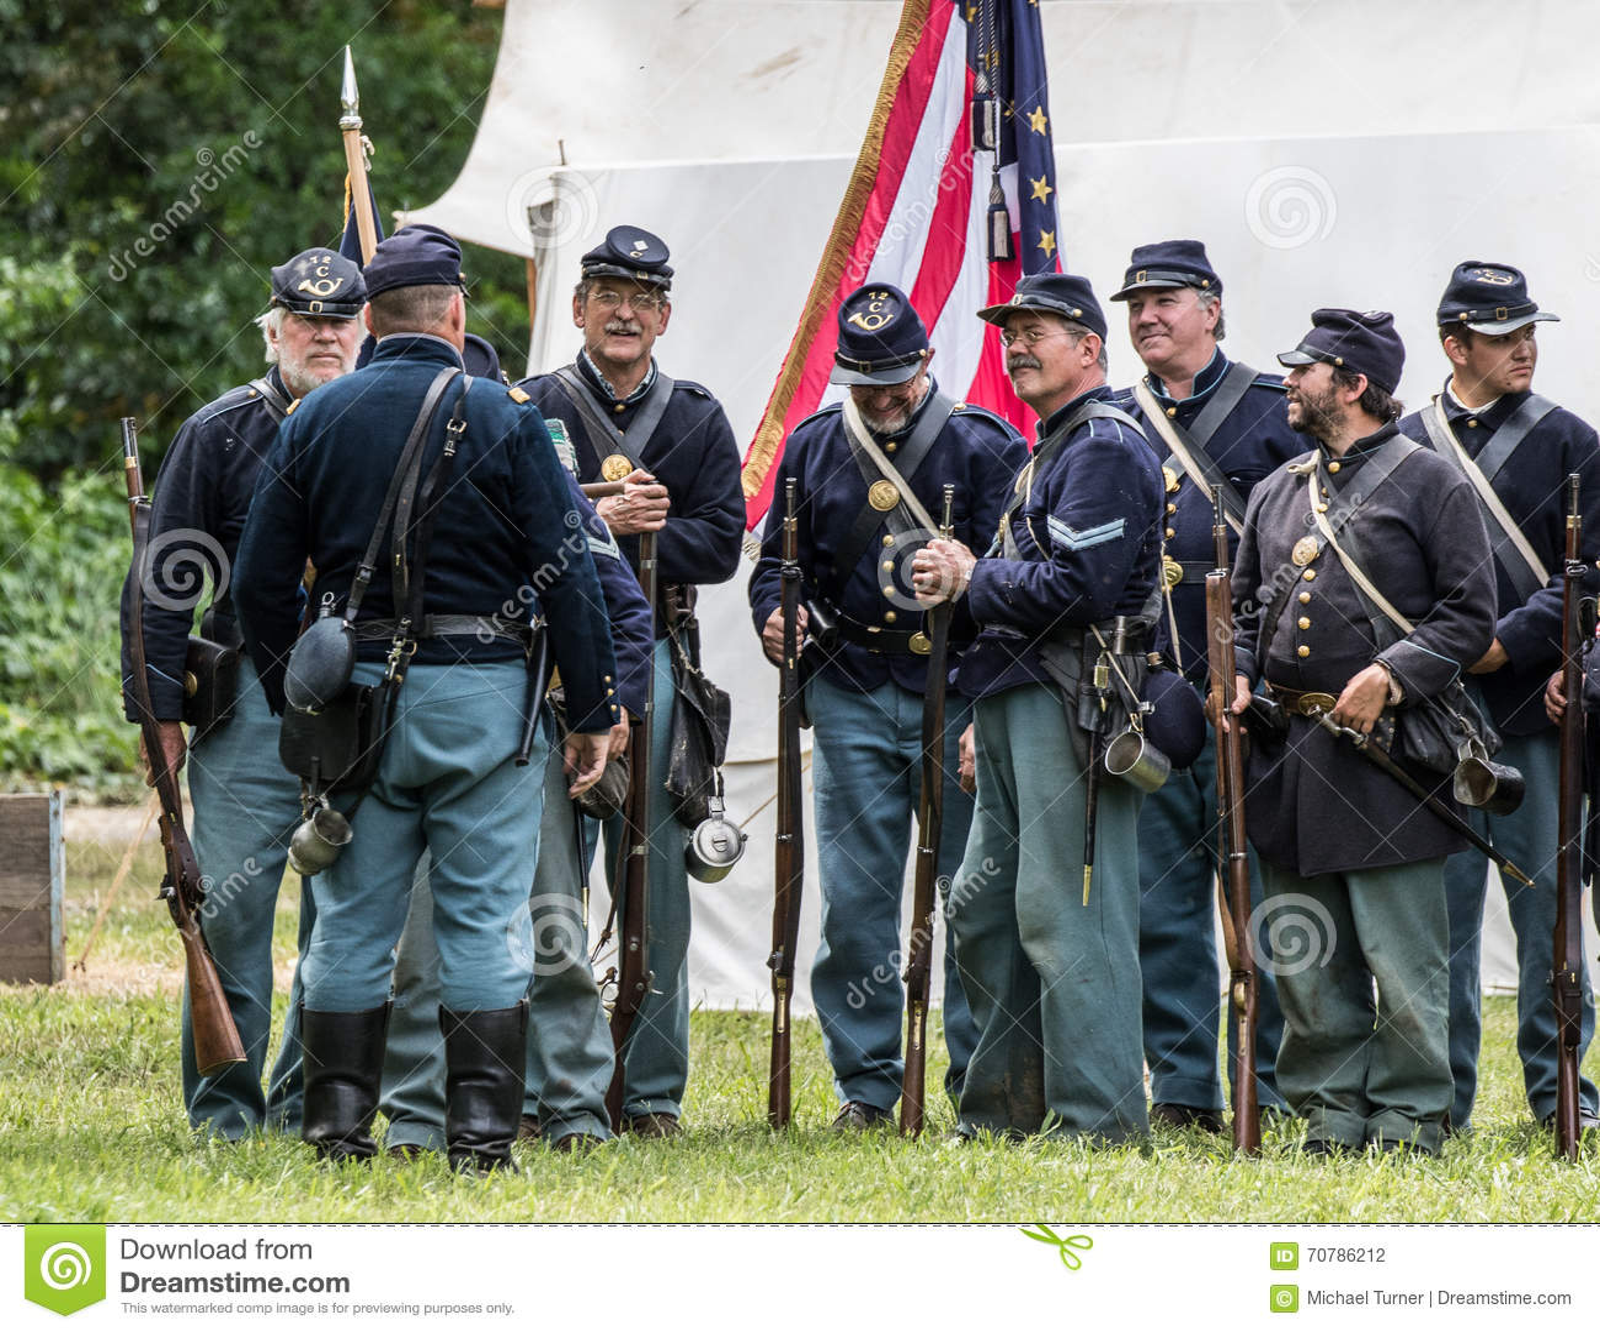 Civil war soldiers union